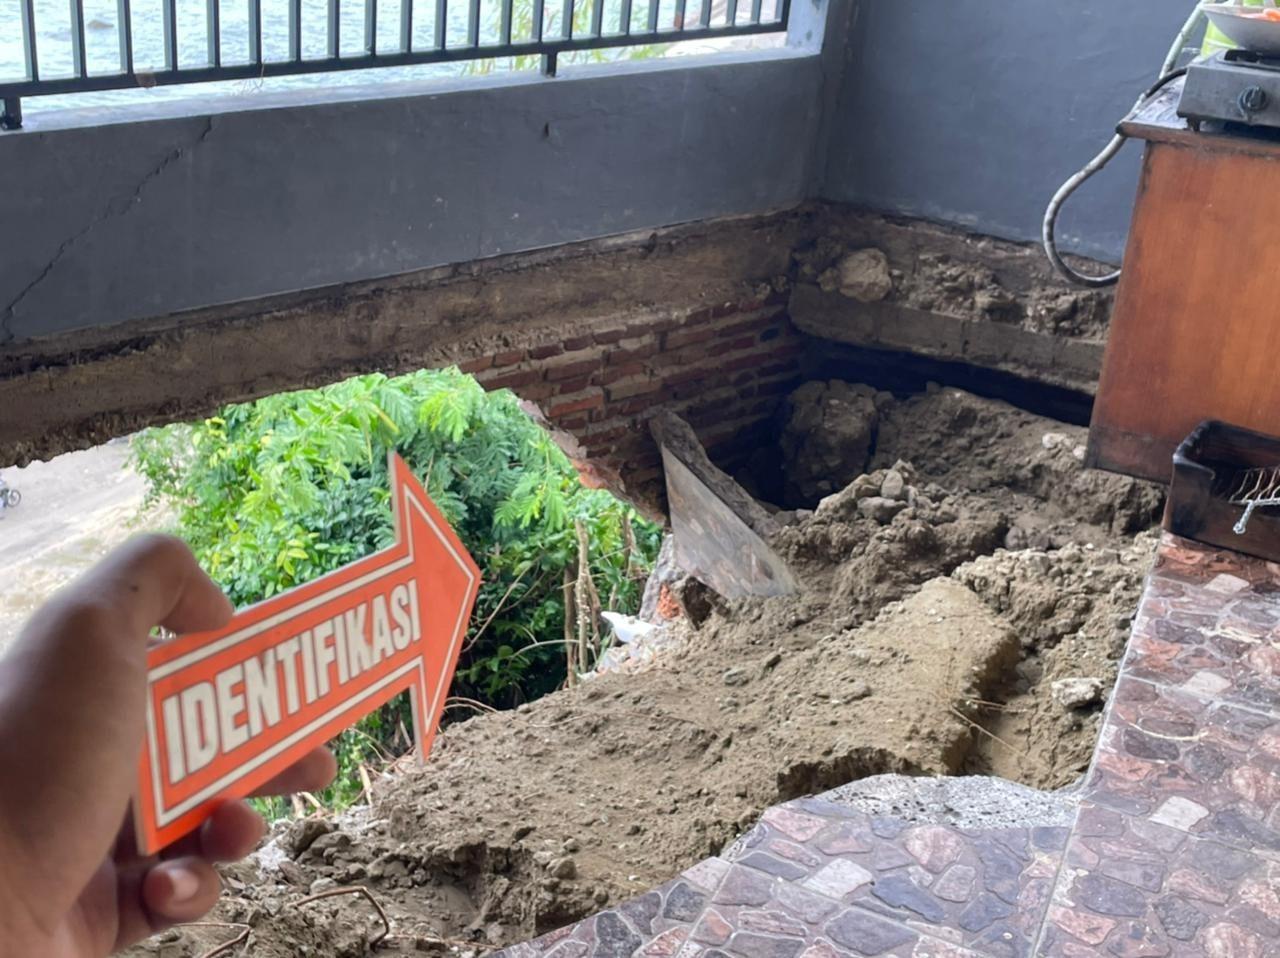 Tiga Orang Penghuni Kost Terperosot Ke Jurang, Polres Majene Lakukan Proses Evakuasi